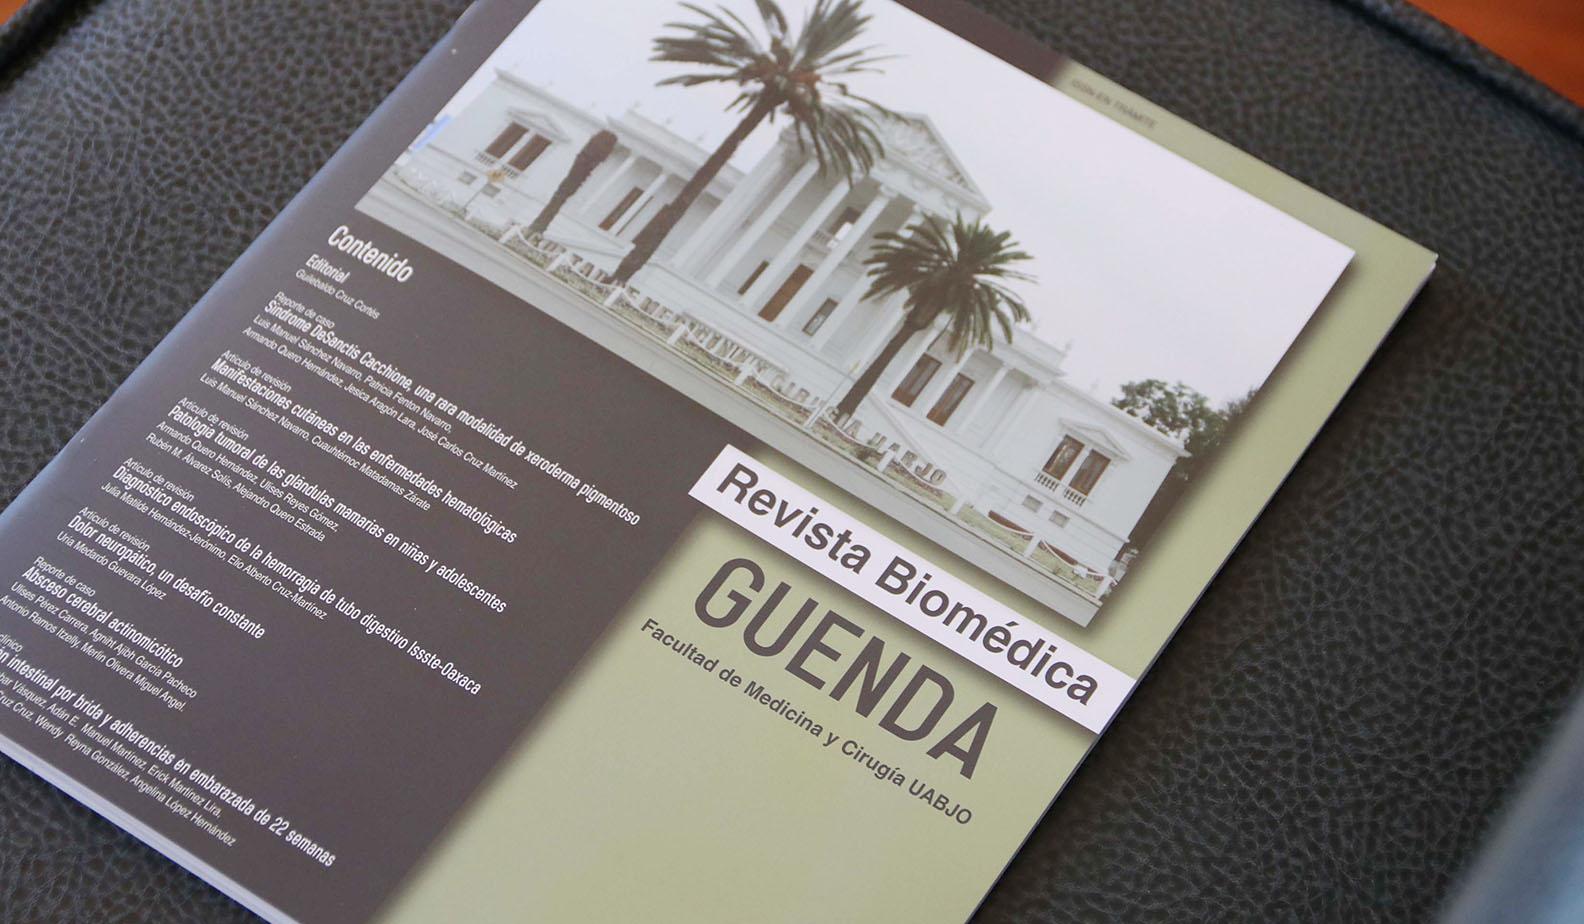 Guenda 2